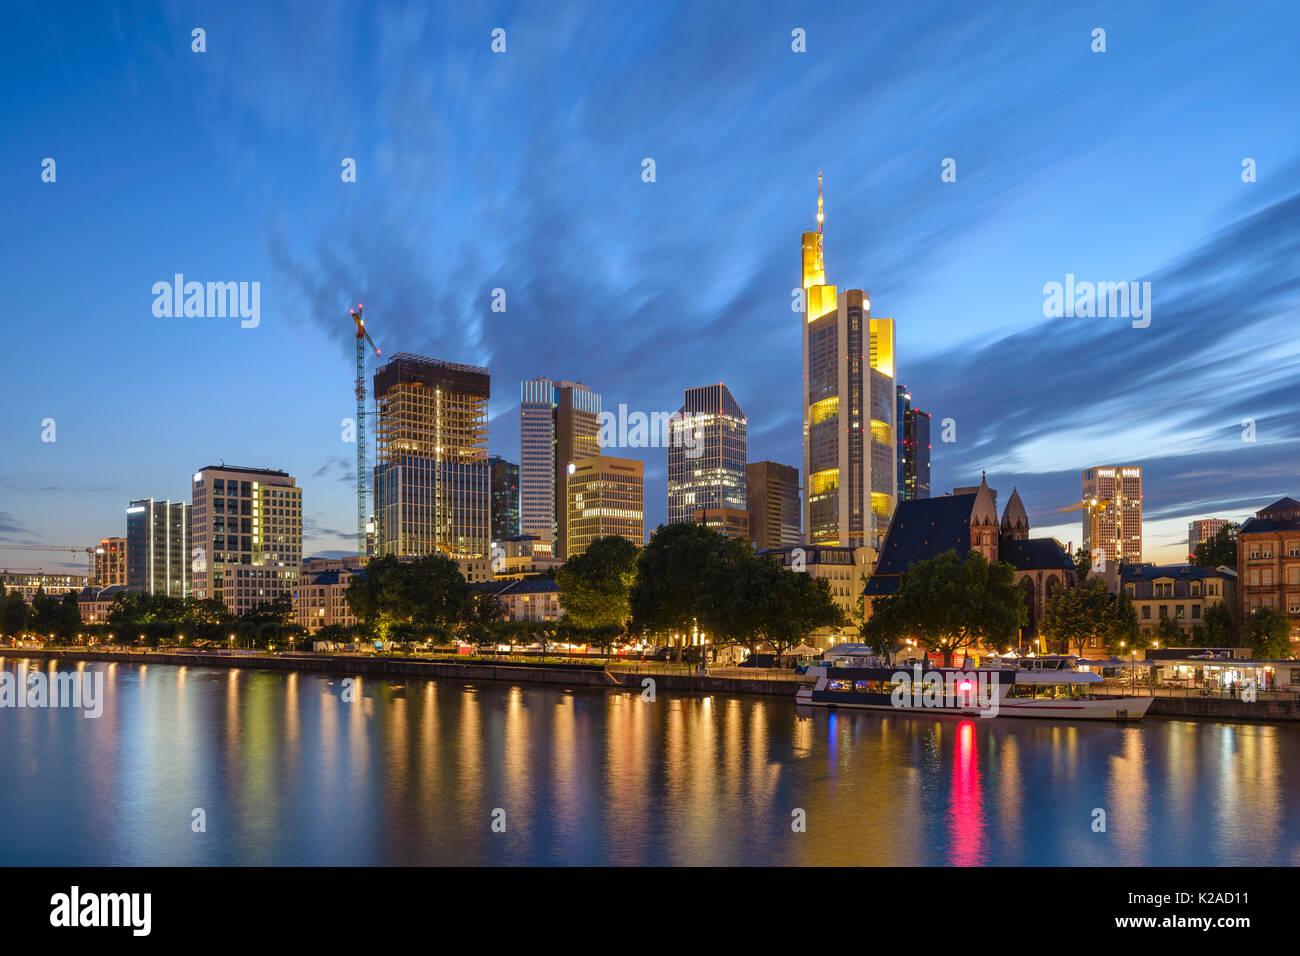 Nuit sur la ville de Francfort au quartier des affaires, Francfort, Allemagne Photo Stock